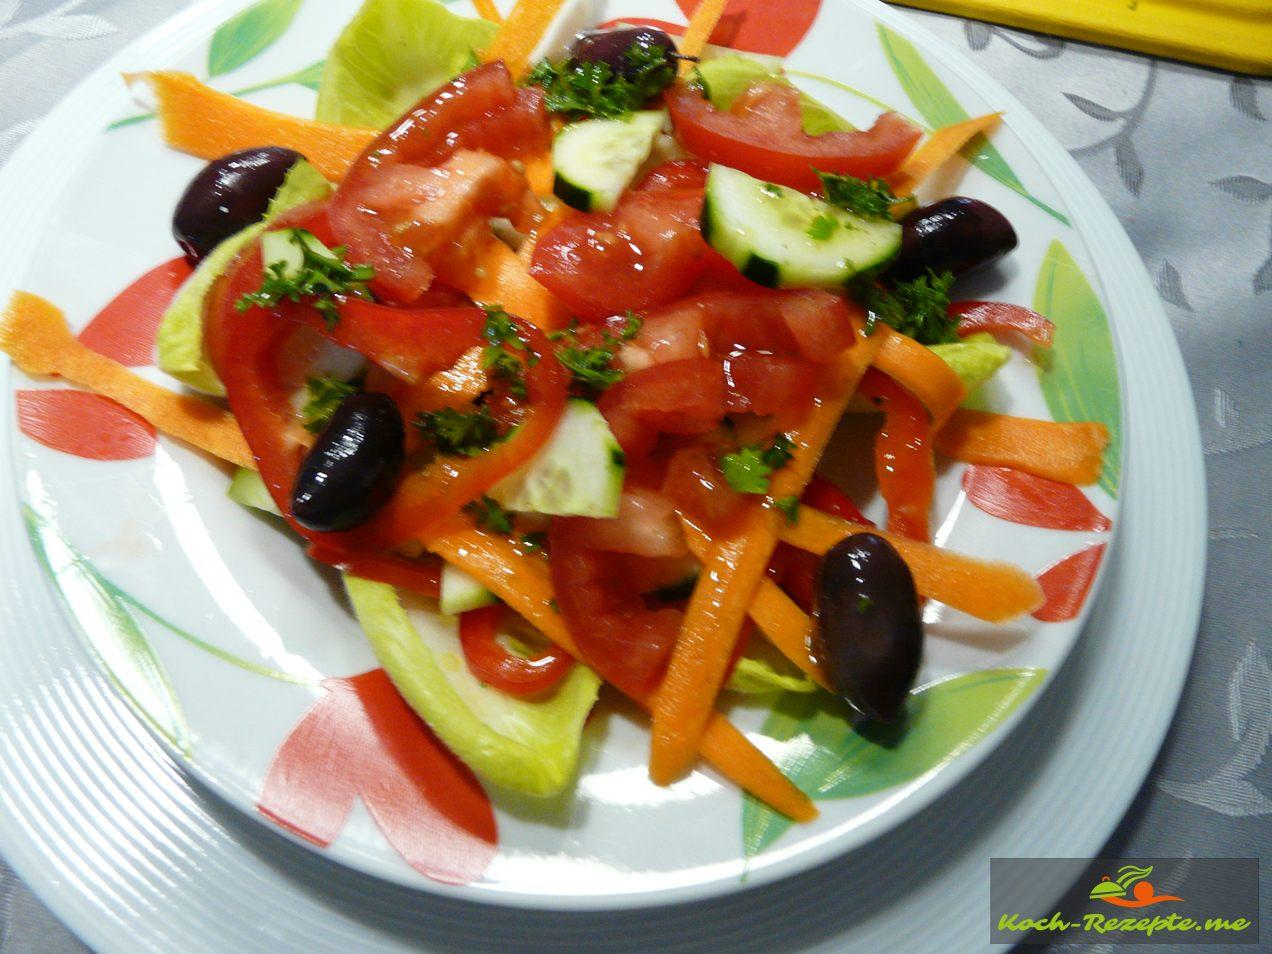 schichten vom Salat